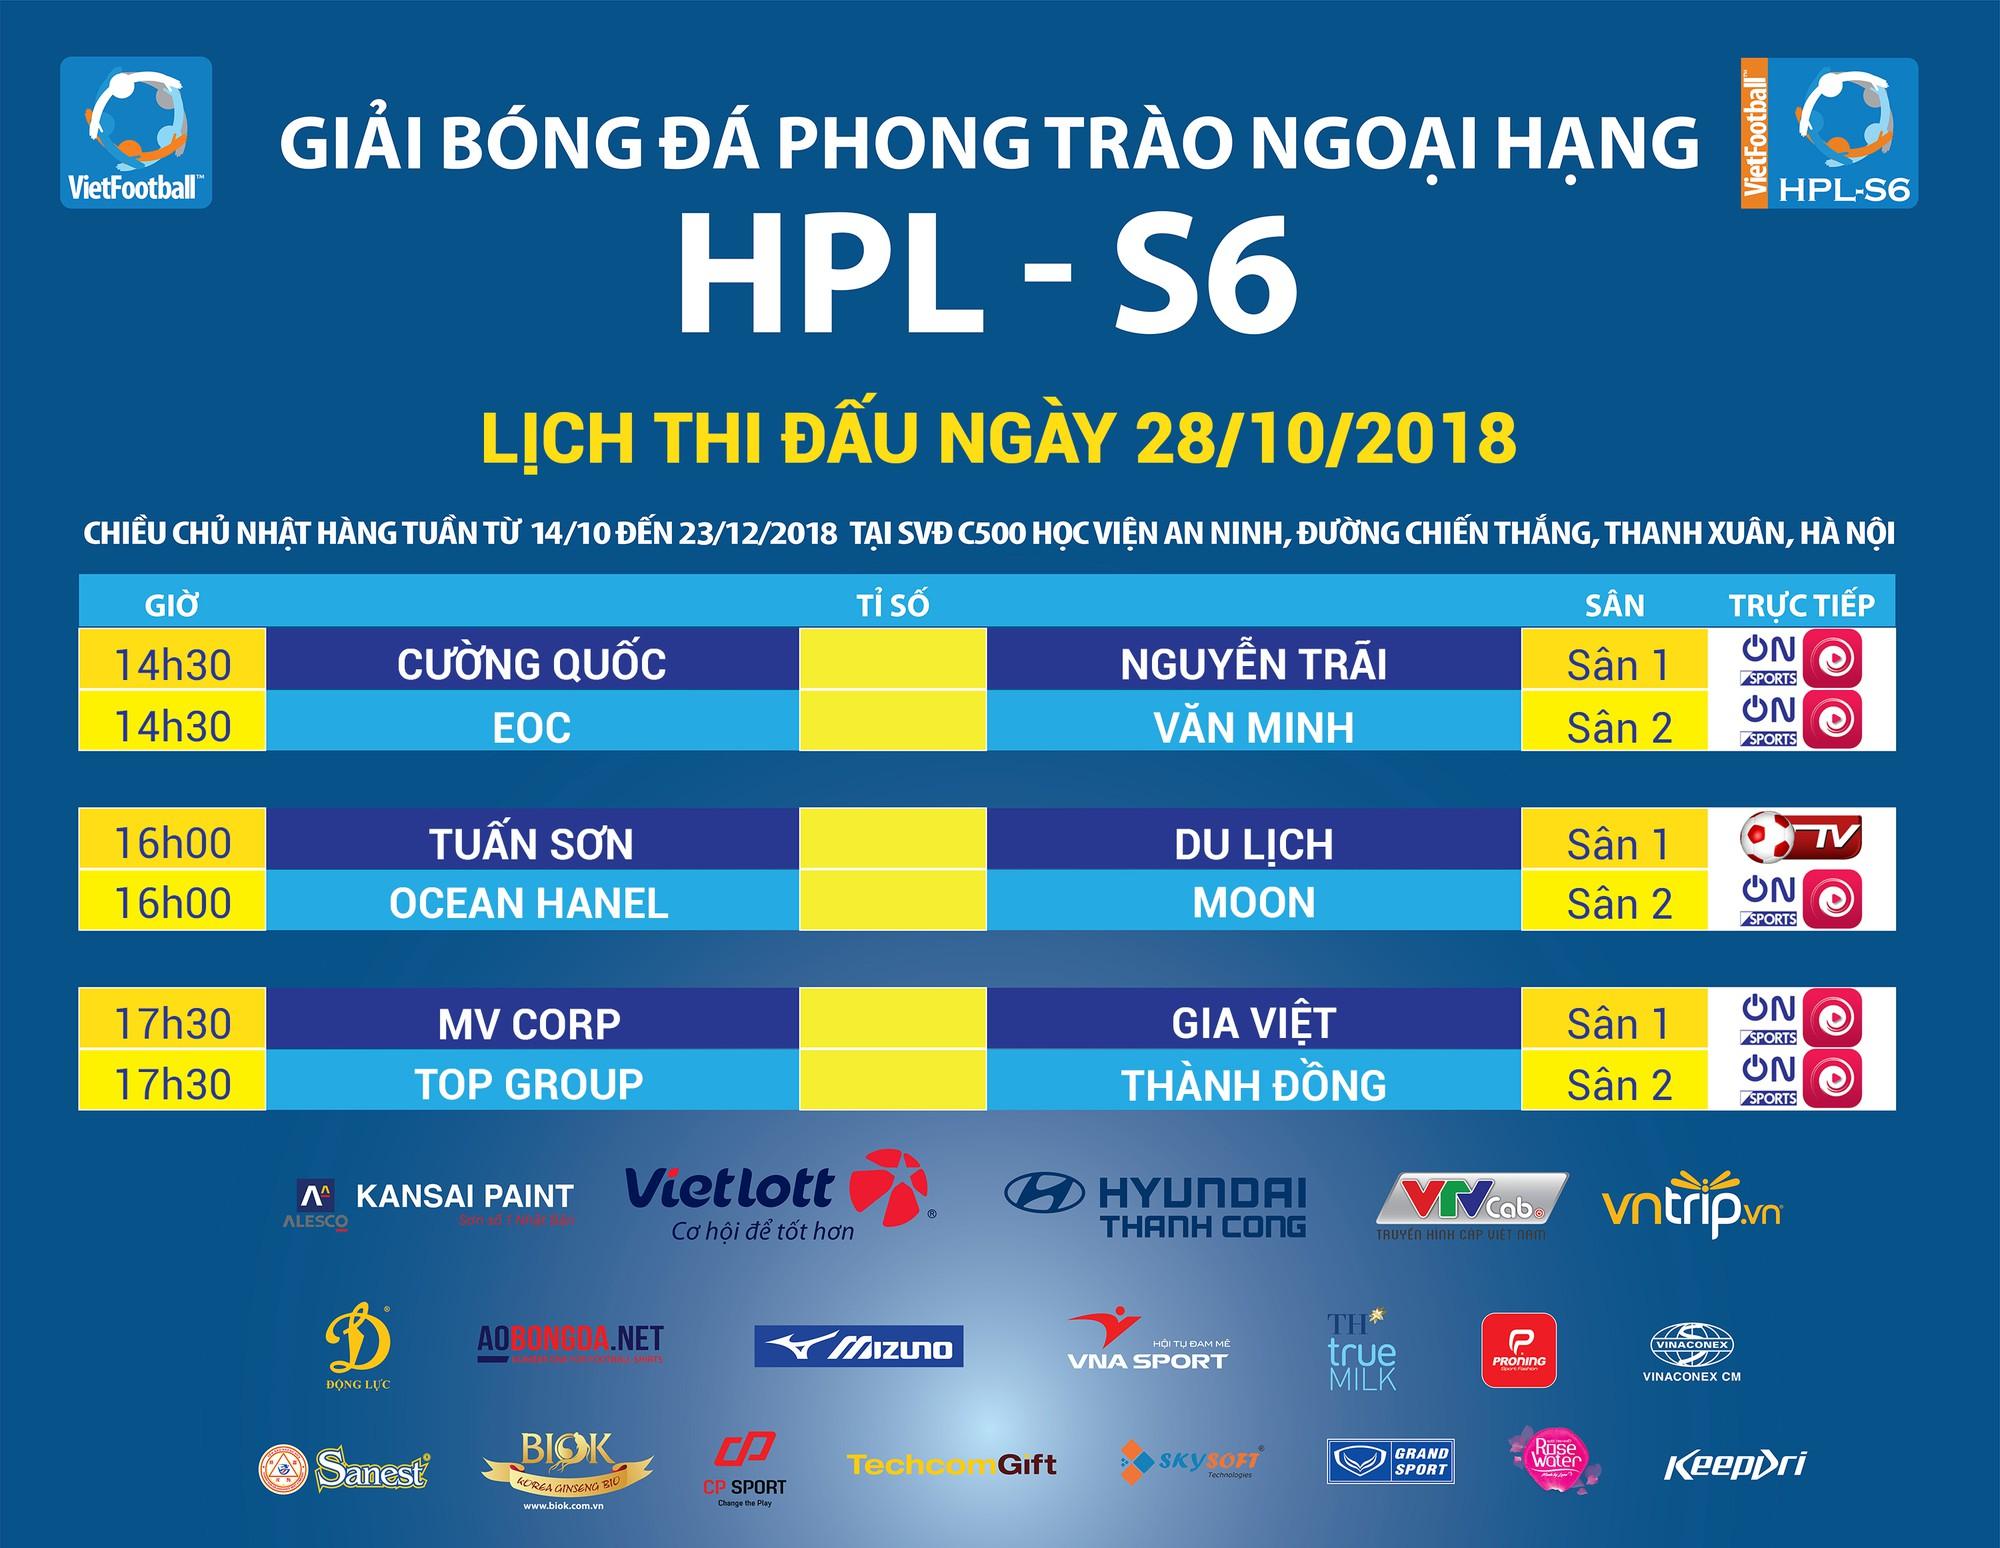 Vòng 3 HPL-S6: Những cuộc đối đầu duyên nợ và sao gặp sao - Ảnh 4.